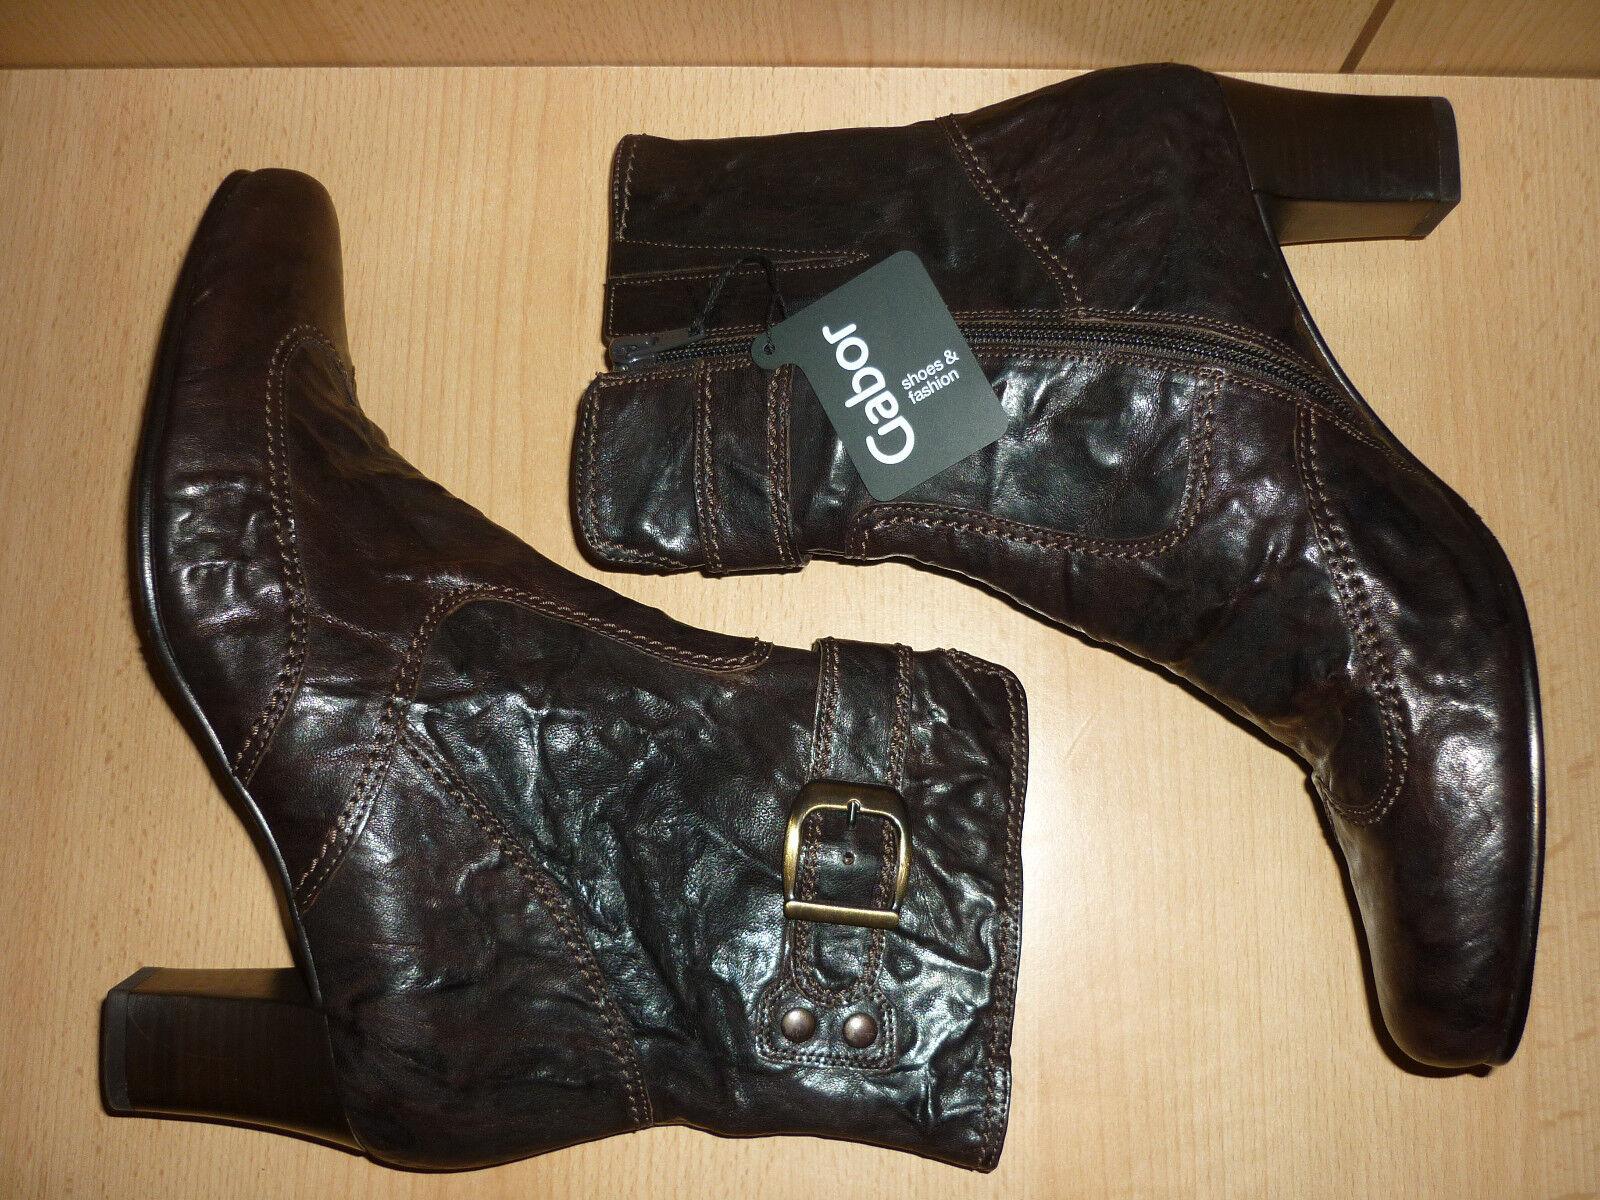 Gabor Comfort Stiefel, Stiefeletten, Echt Leder, Gr. 6,5 / 39,5, gefüttert